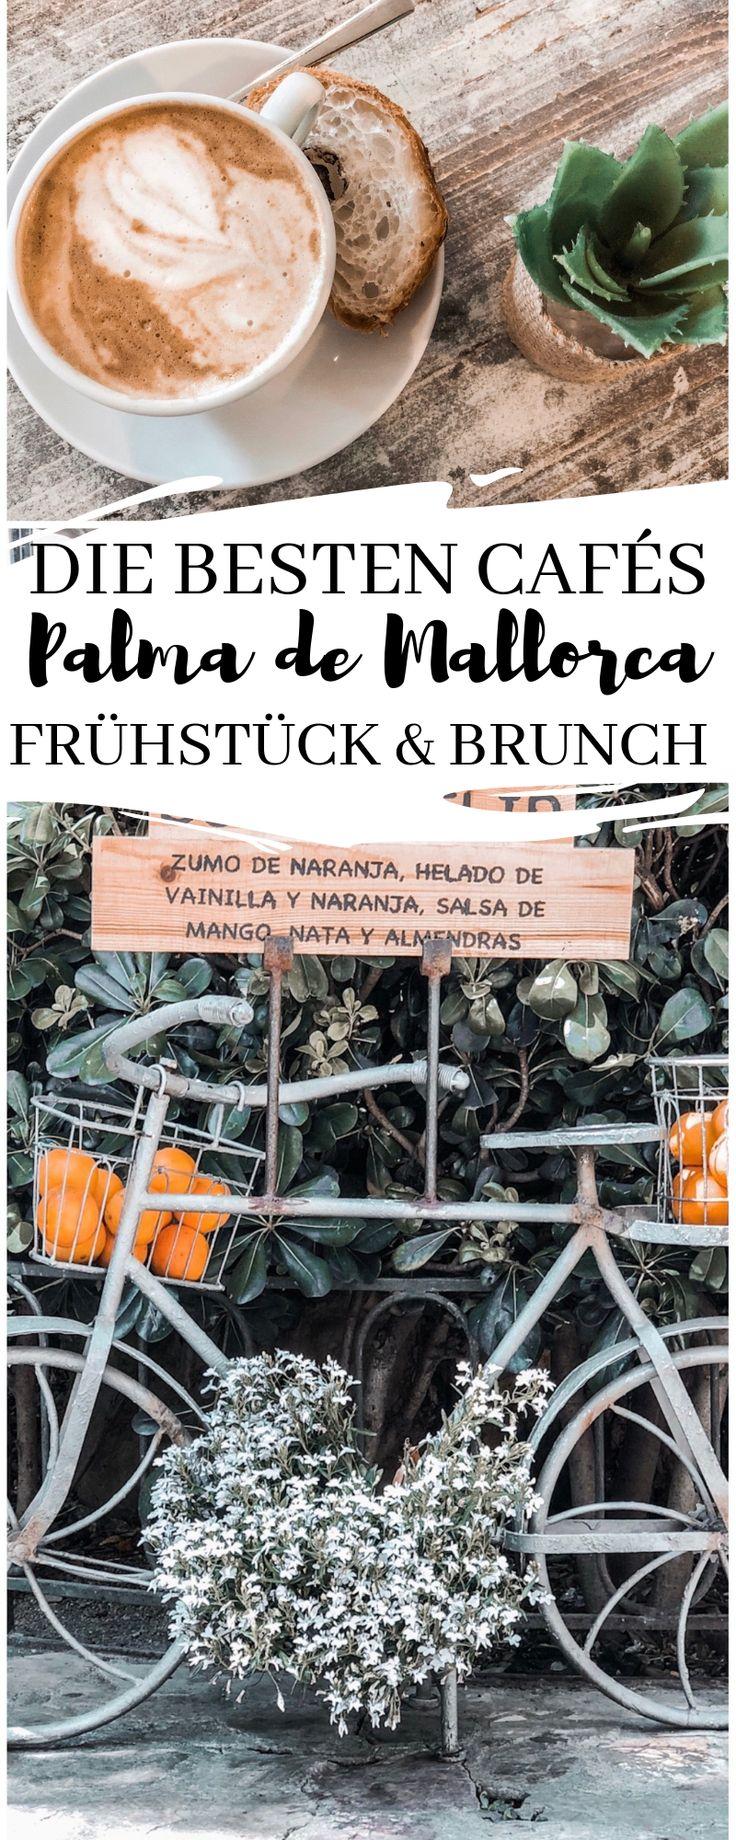 Veggie & vegan essen in Palma de Mallorca – die 6 schönsten Cafés für Frühstück & Brunch